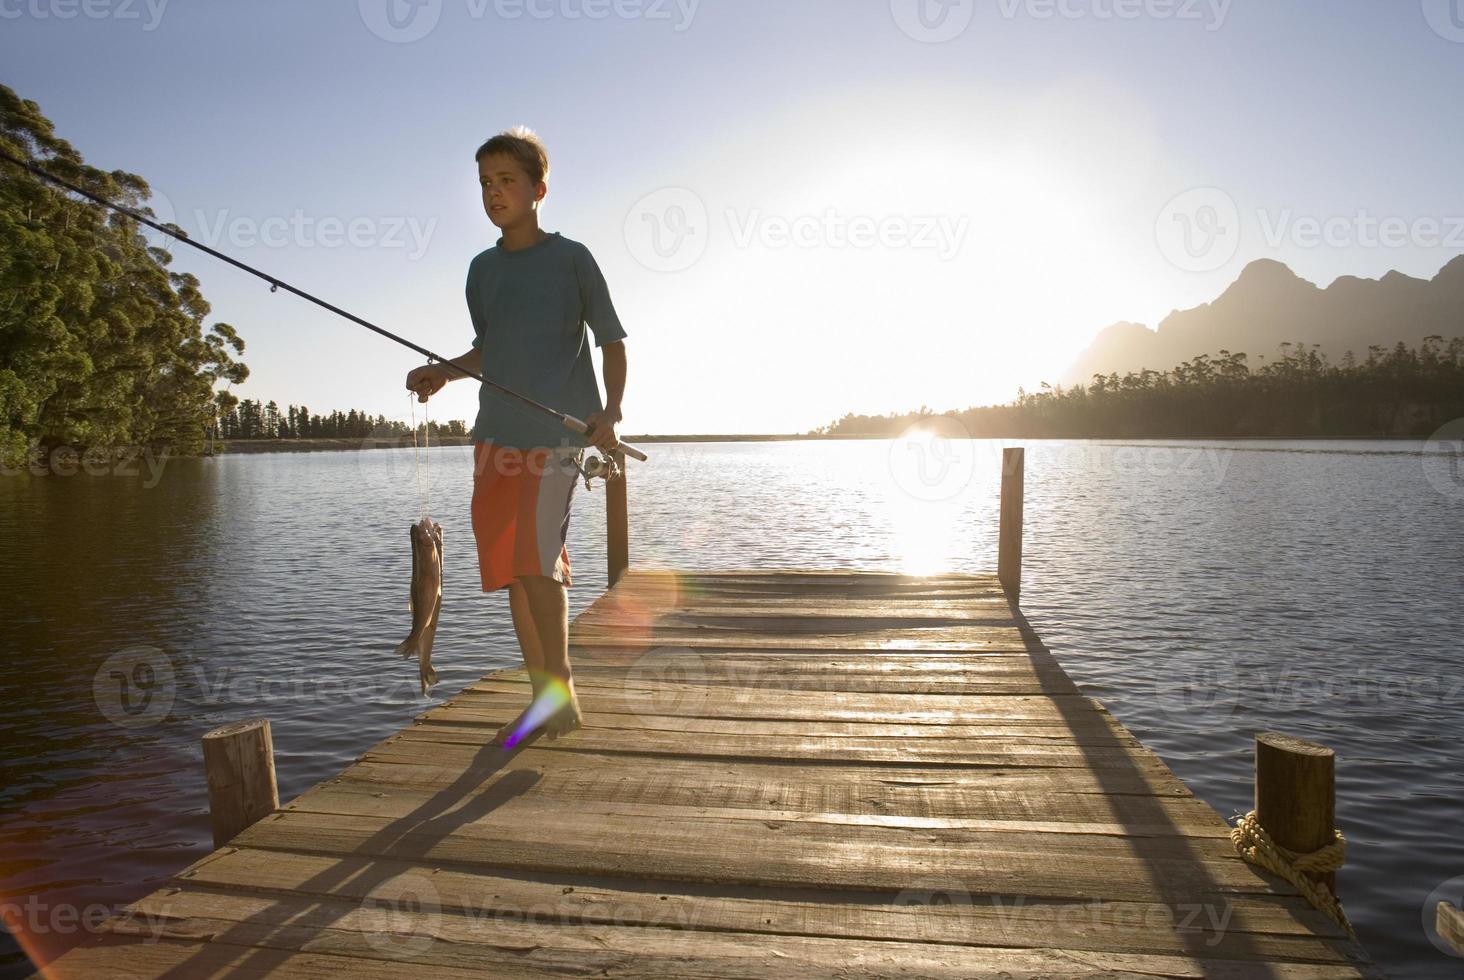 Adolescente, llevando caña de pescar y peces en el embarcadero del lago foto